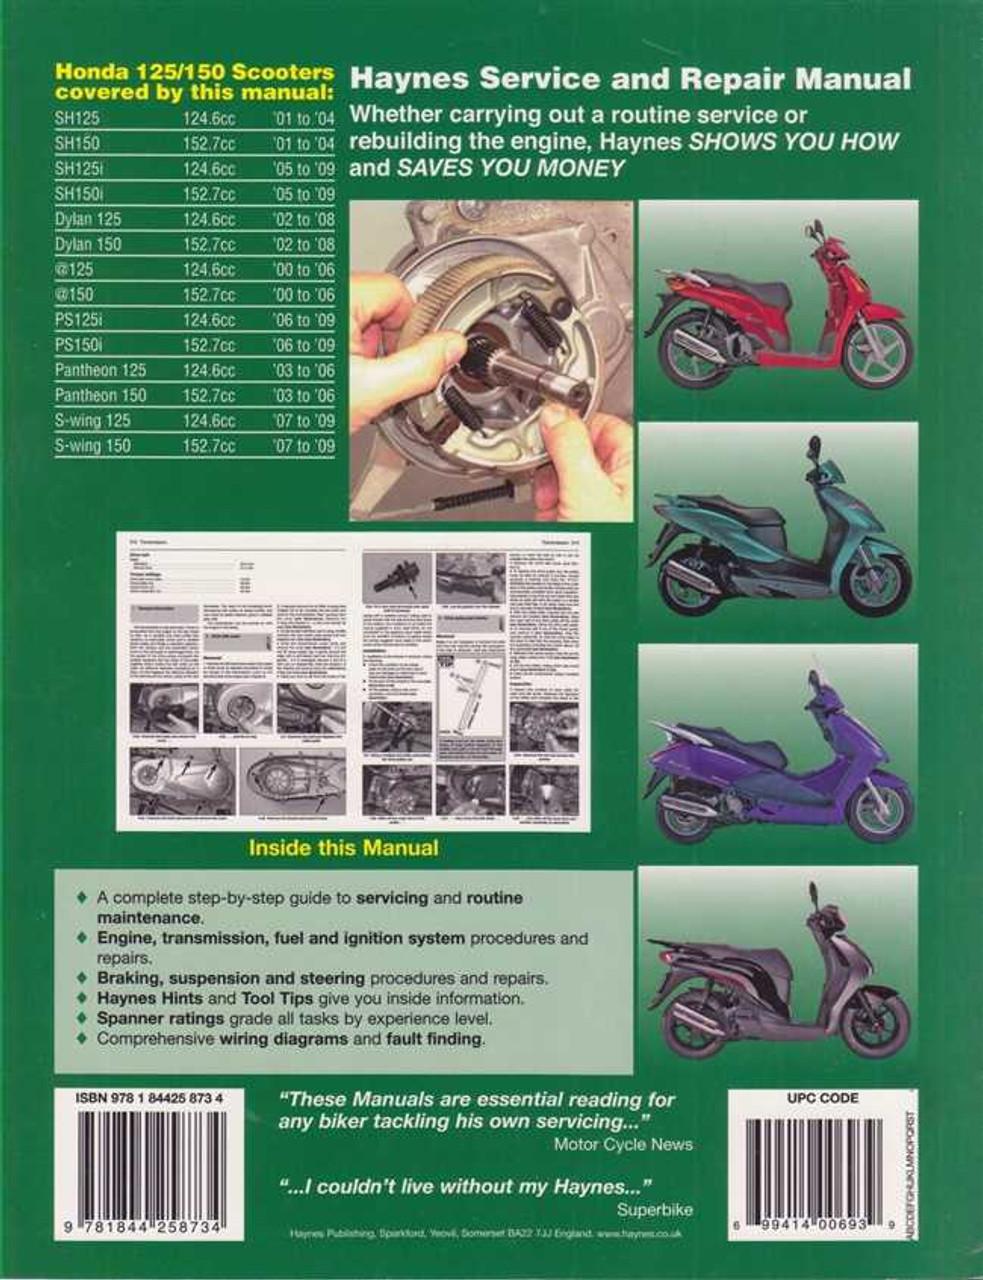 honda 125/150 sh, dylan, @, ps, pantheon, s-wing 2000 - 2009 workshop manual